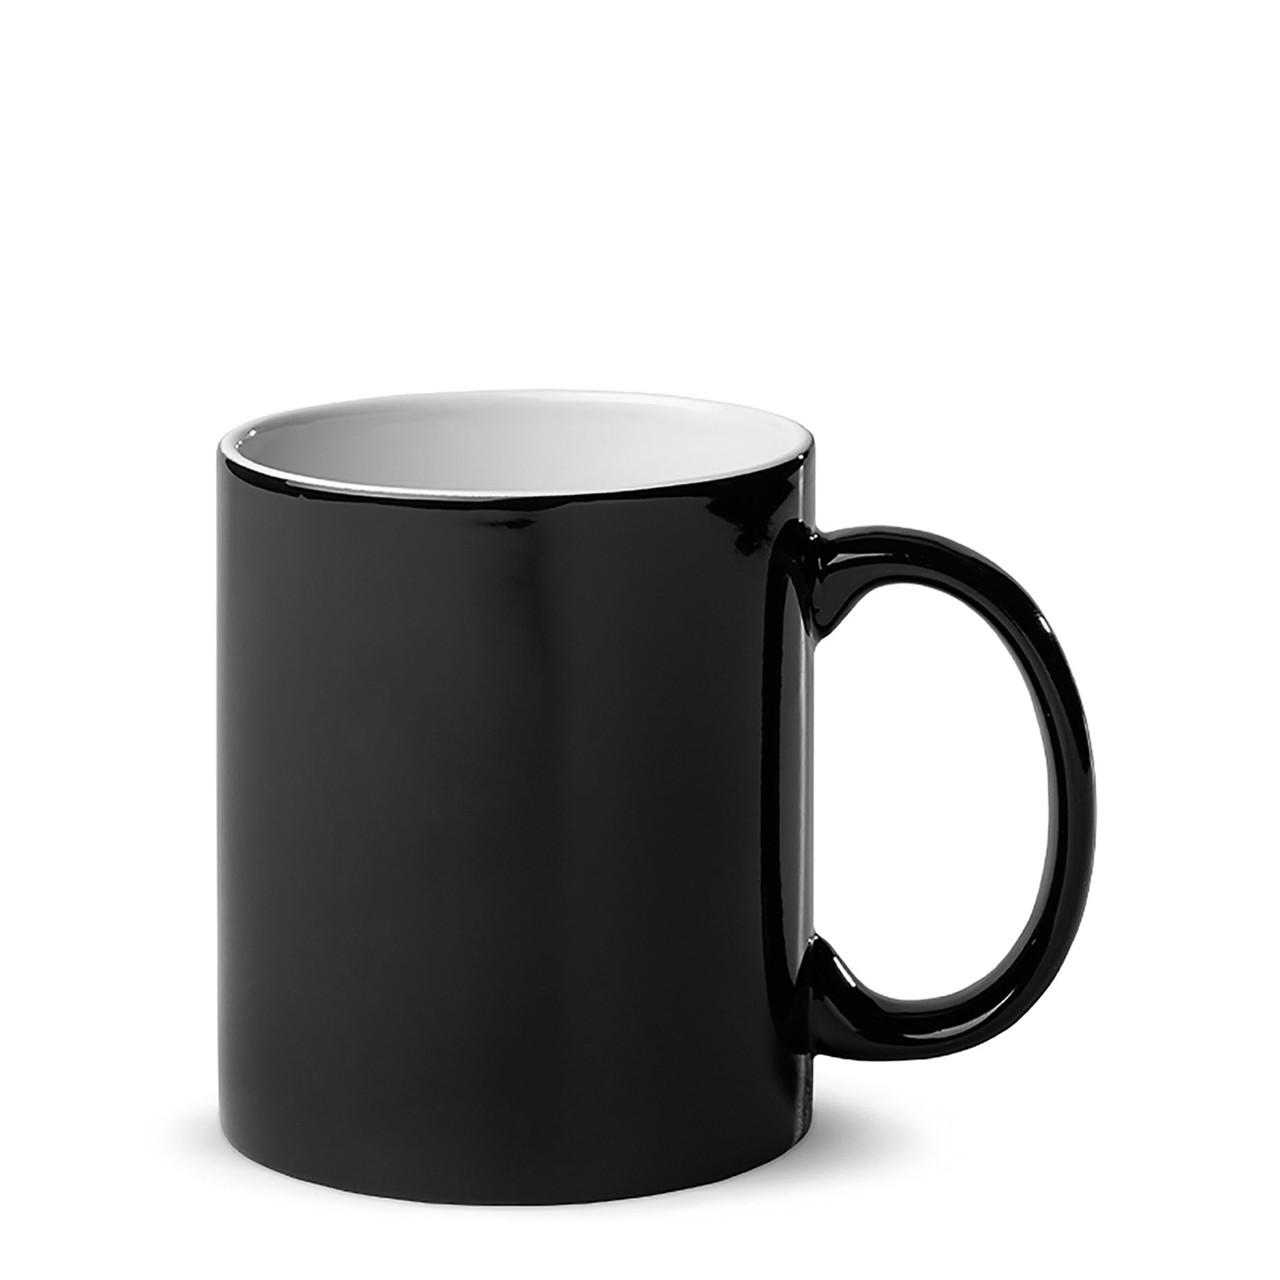 Чашка для сублимации хамелеон ГЛЯНЕЦ 330 мл (черный)